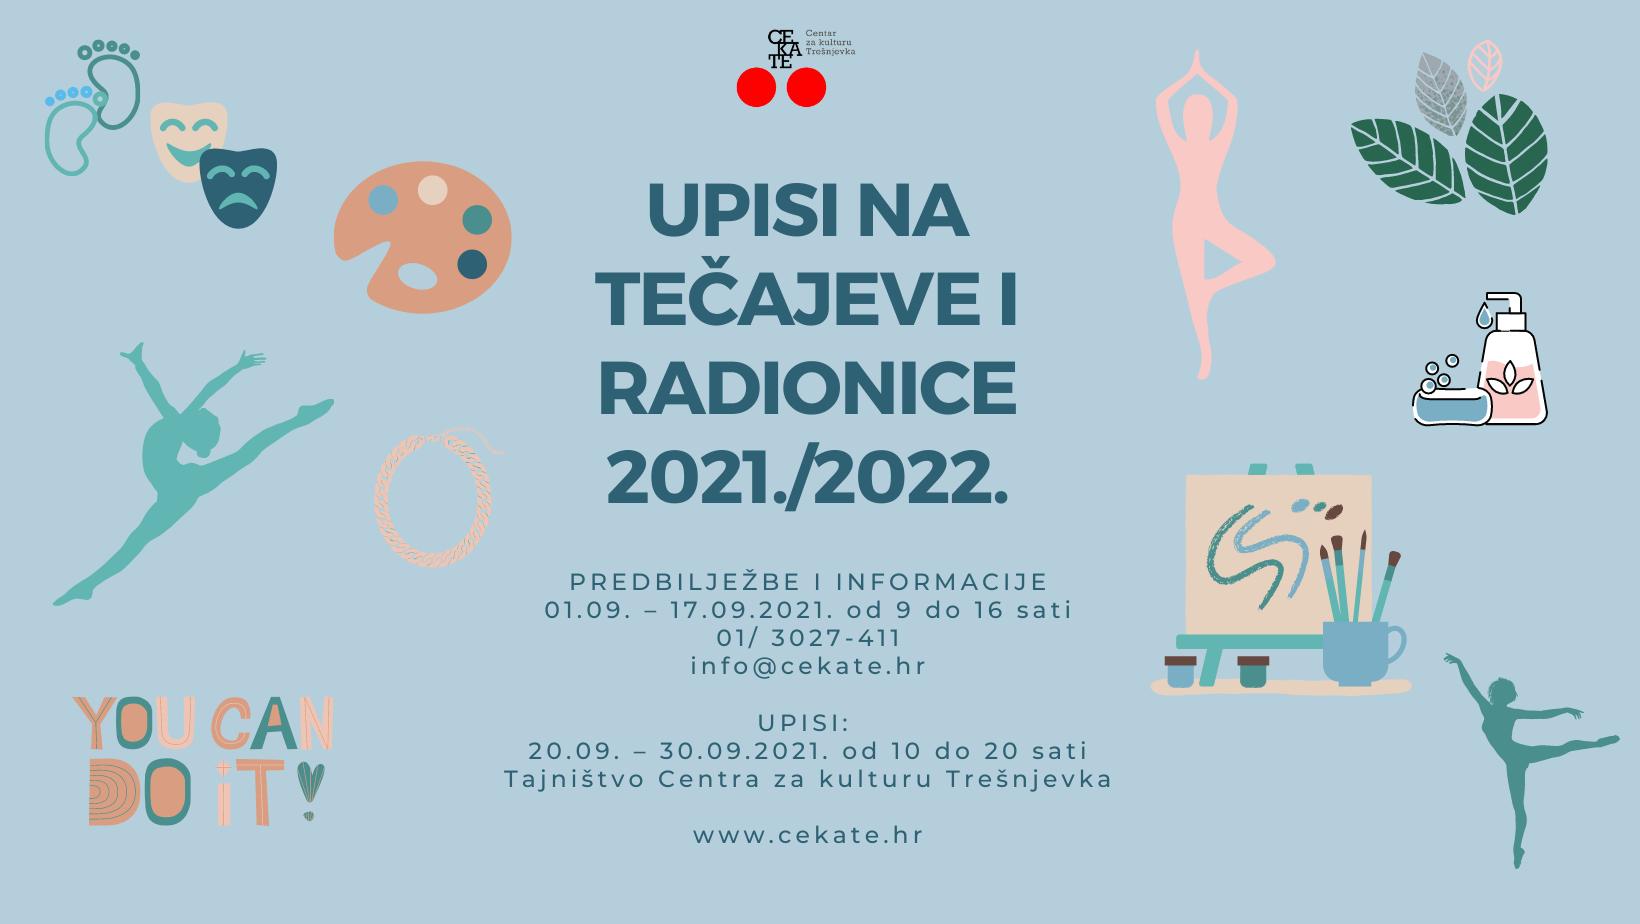 UPISI NA TEČAJEVE I RADIONICE 2021./2022.